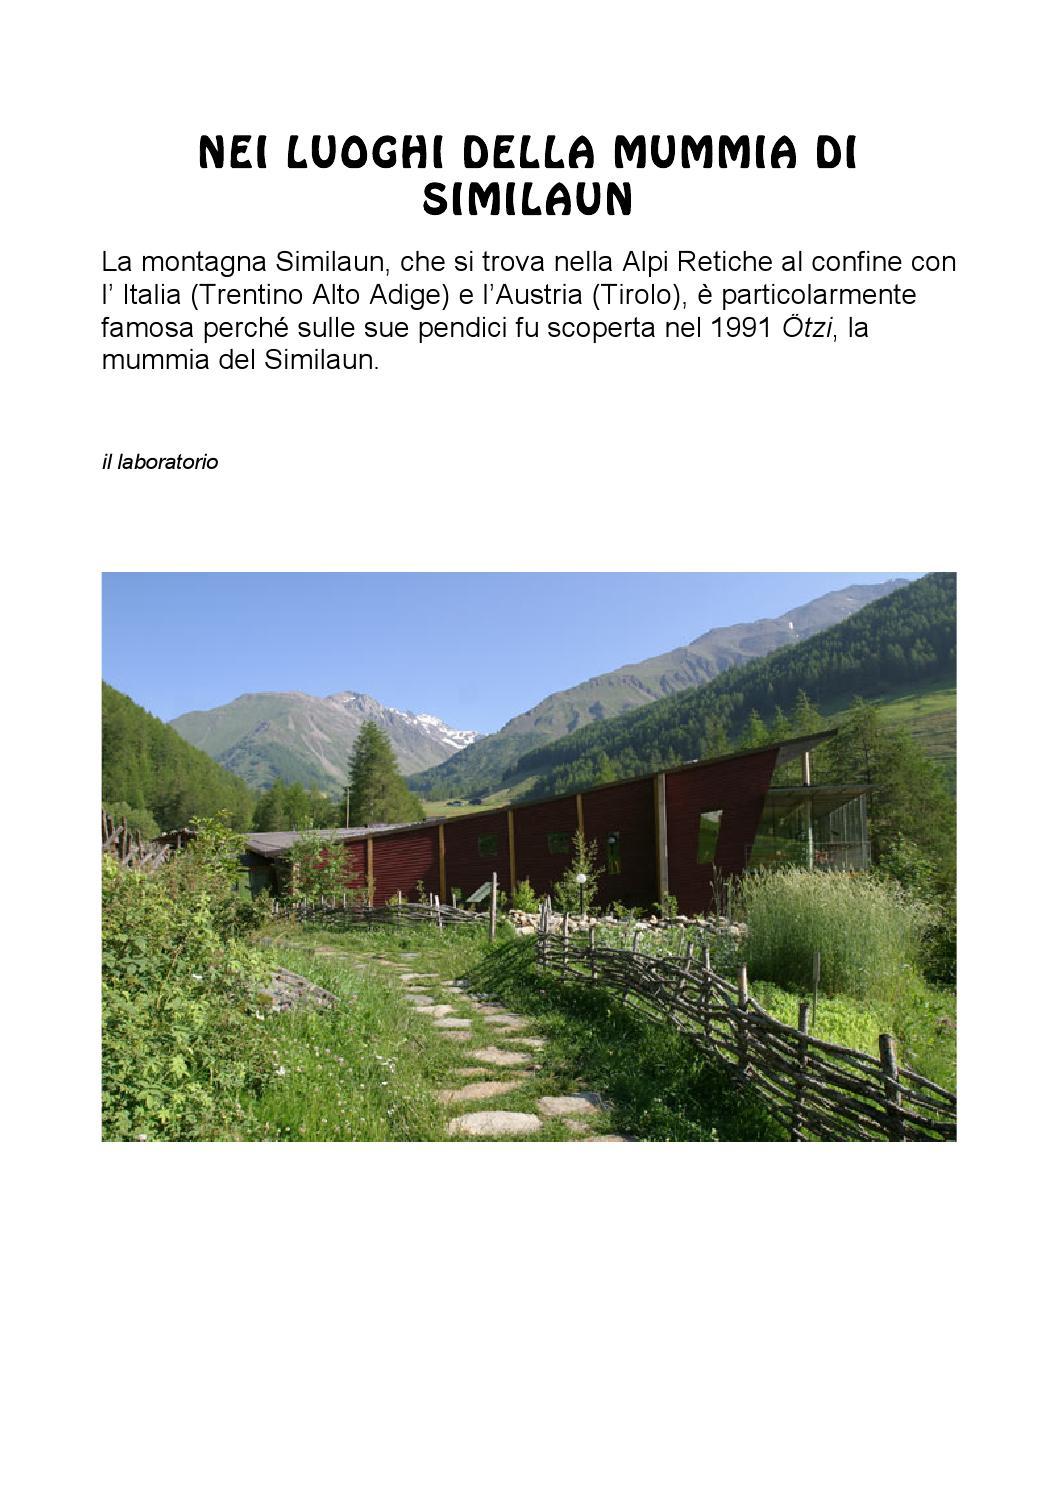 6 otzi luogi immagini by scuole brugine issuu for 1 1 2 piani di cottage storia